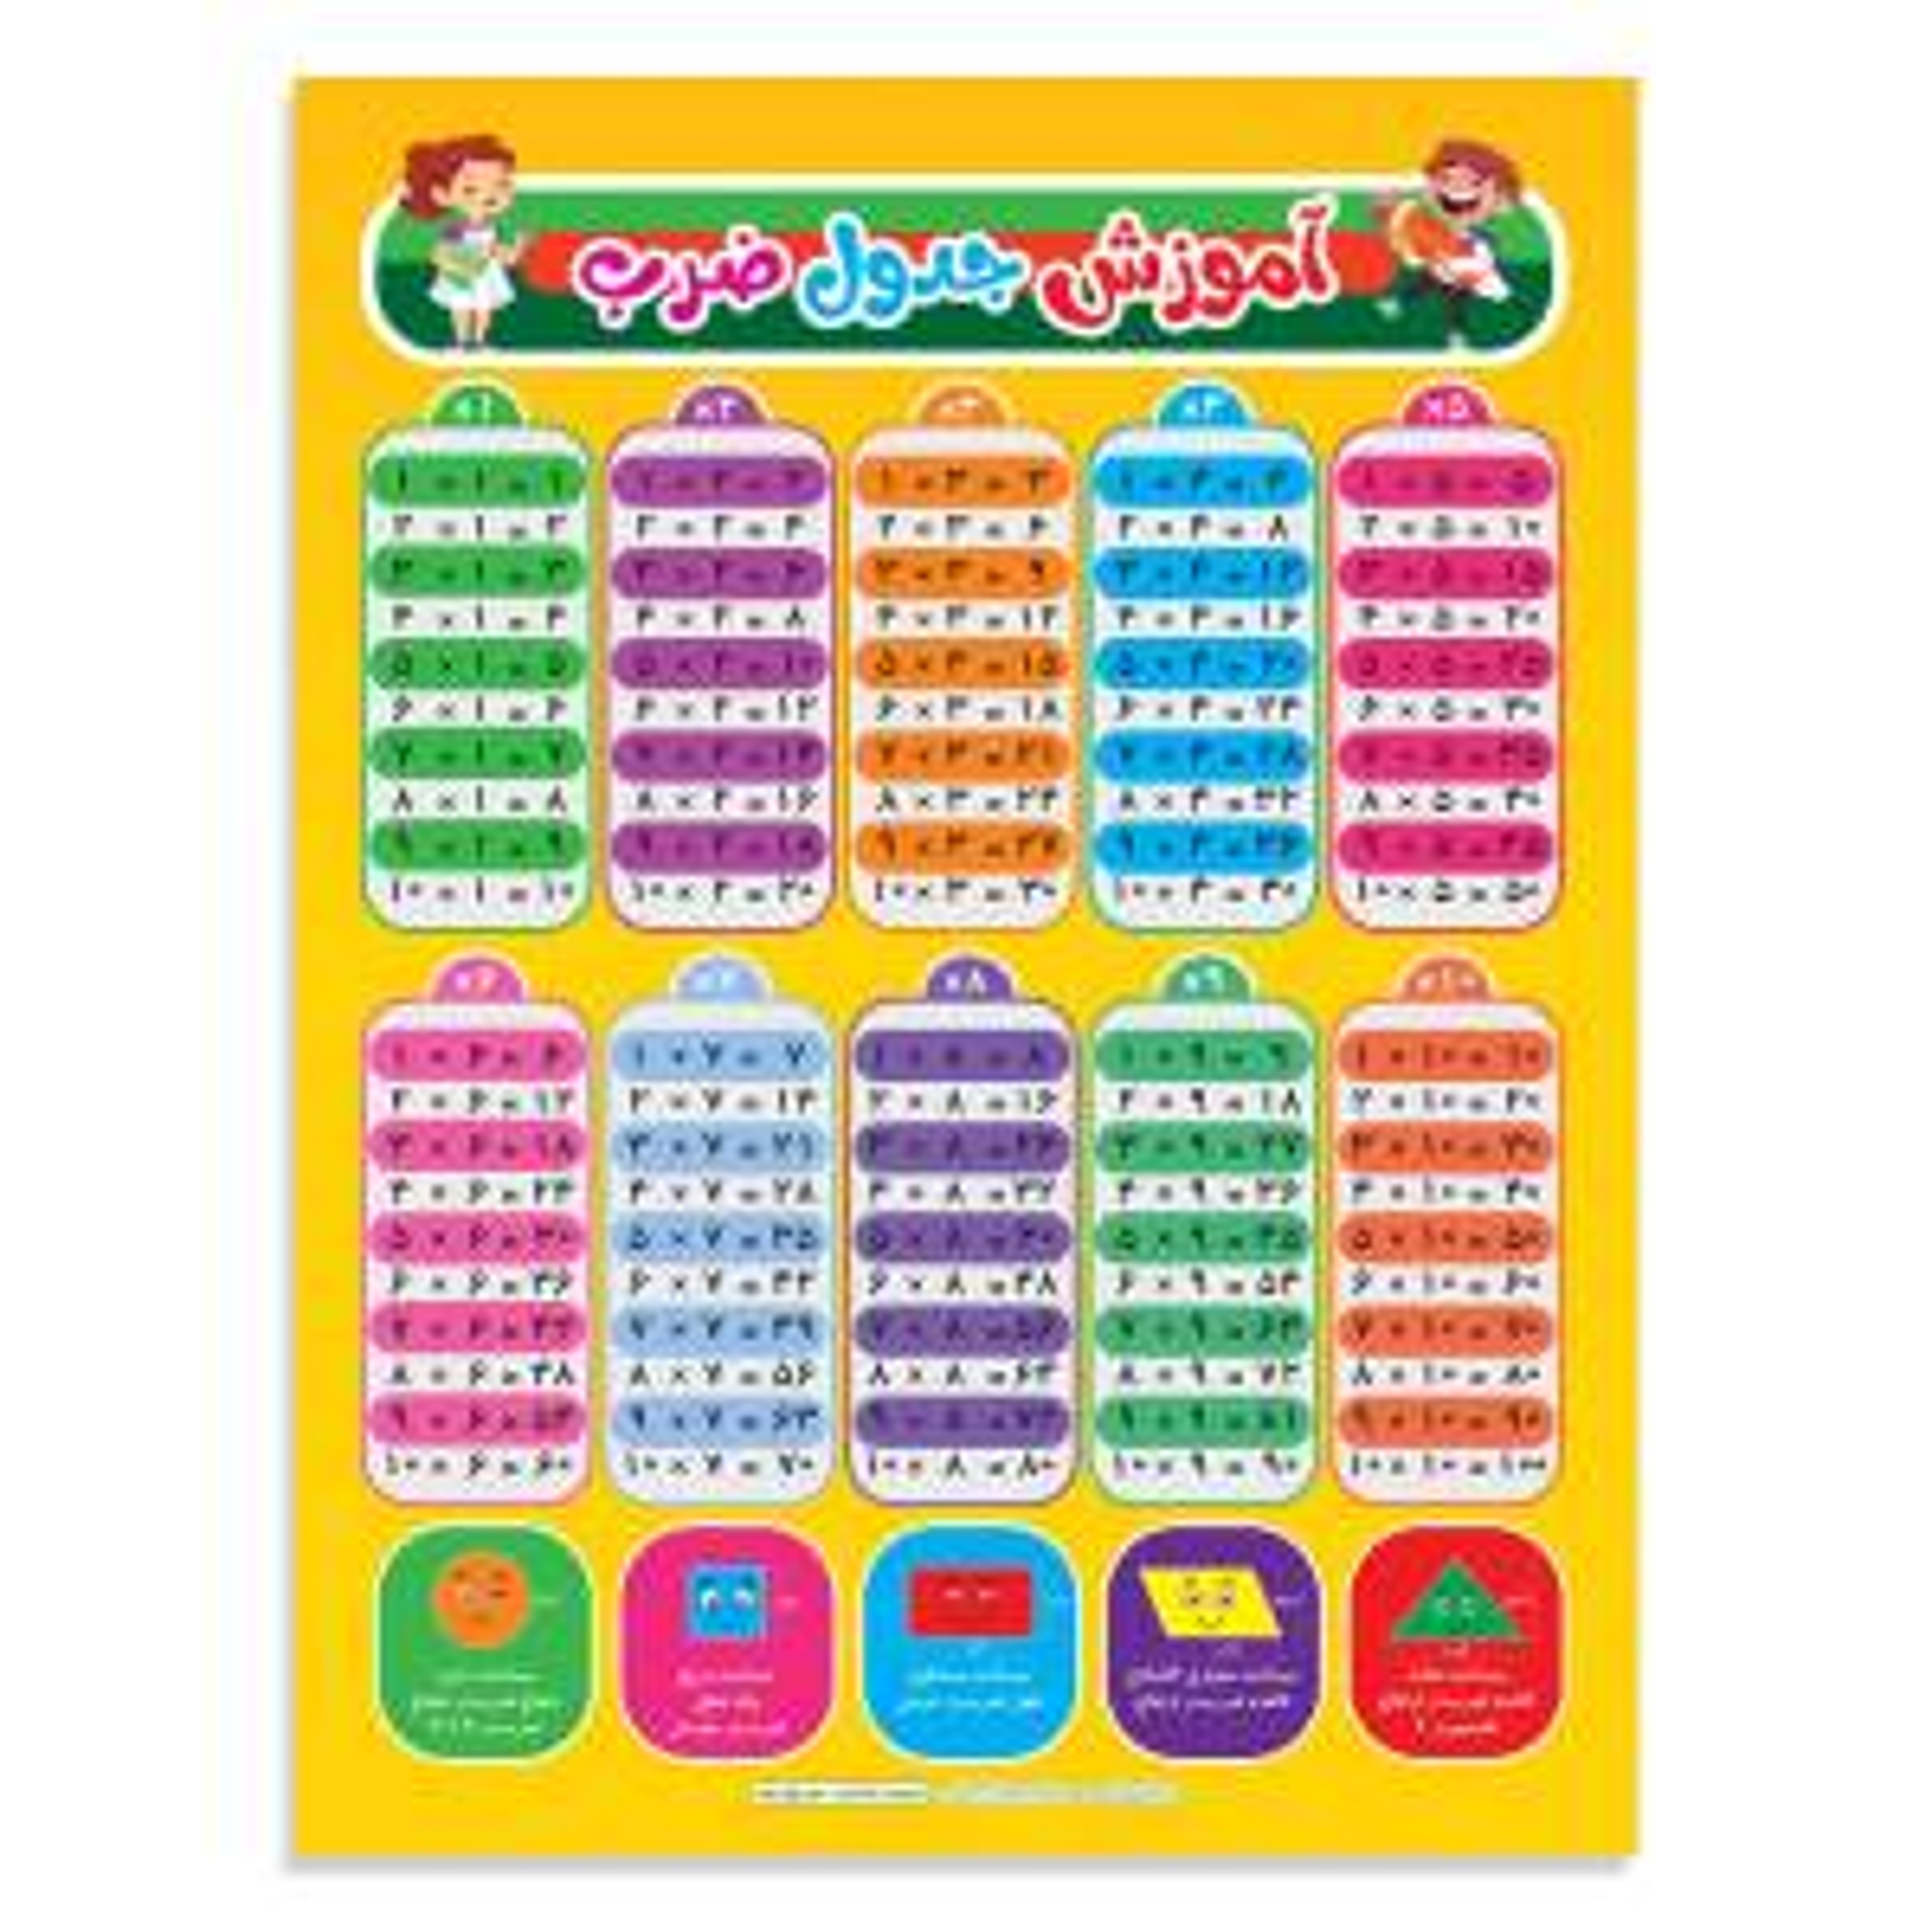 پوستر آموزشی پارسیسمن طرح جدول ضرب کد 639